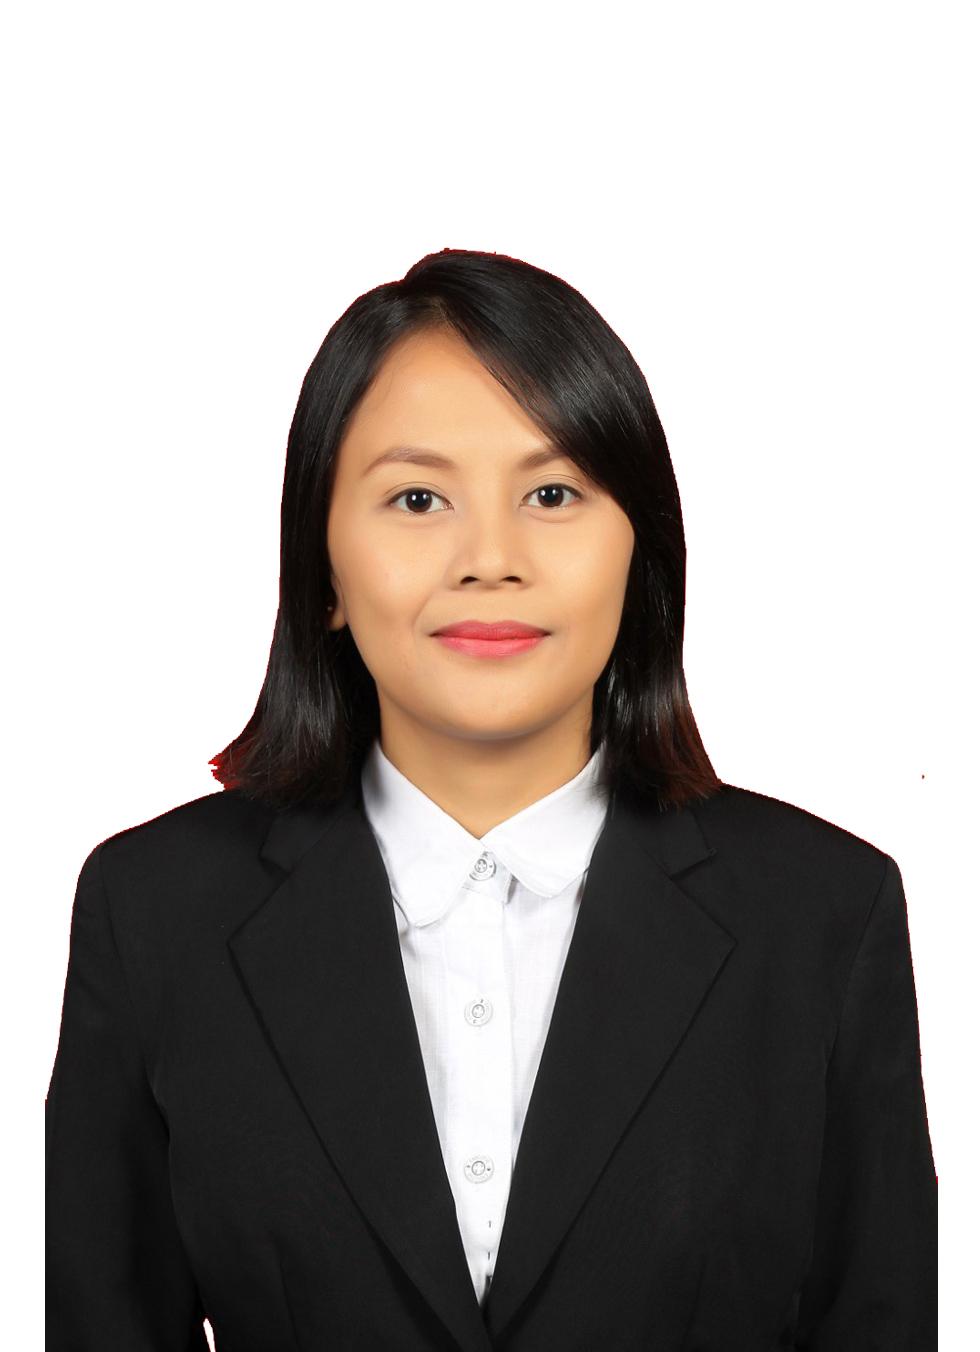 Wila Wildayanti